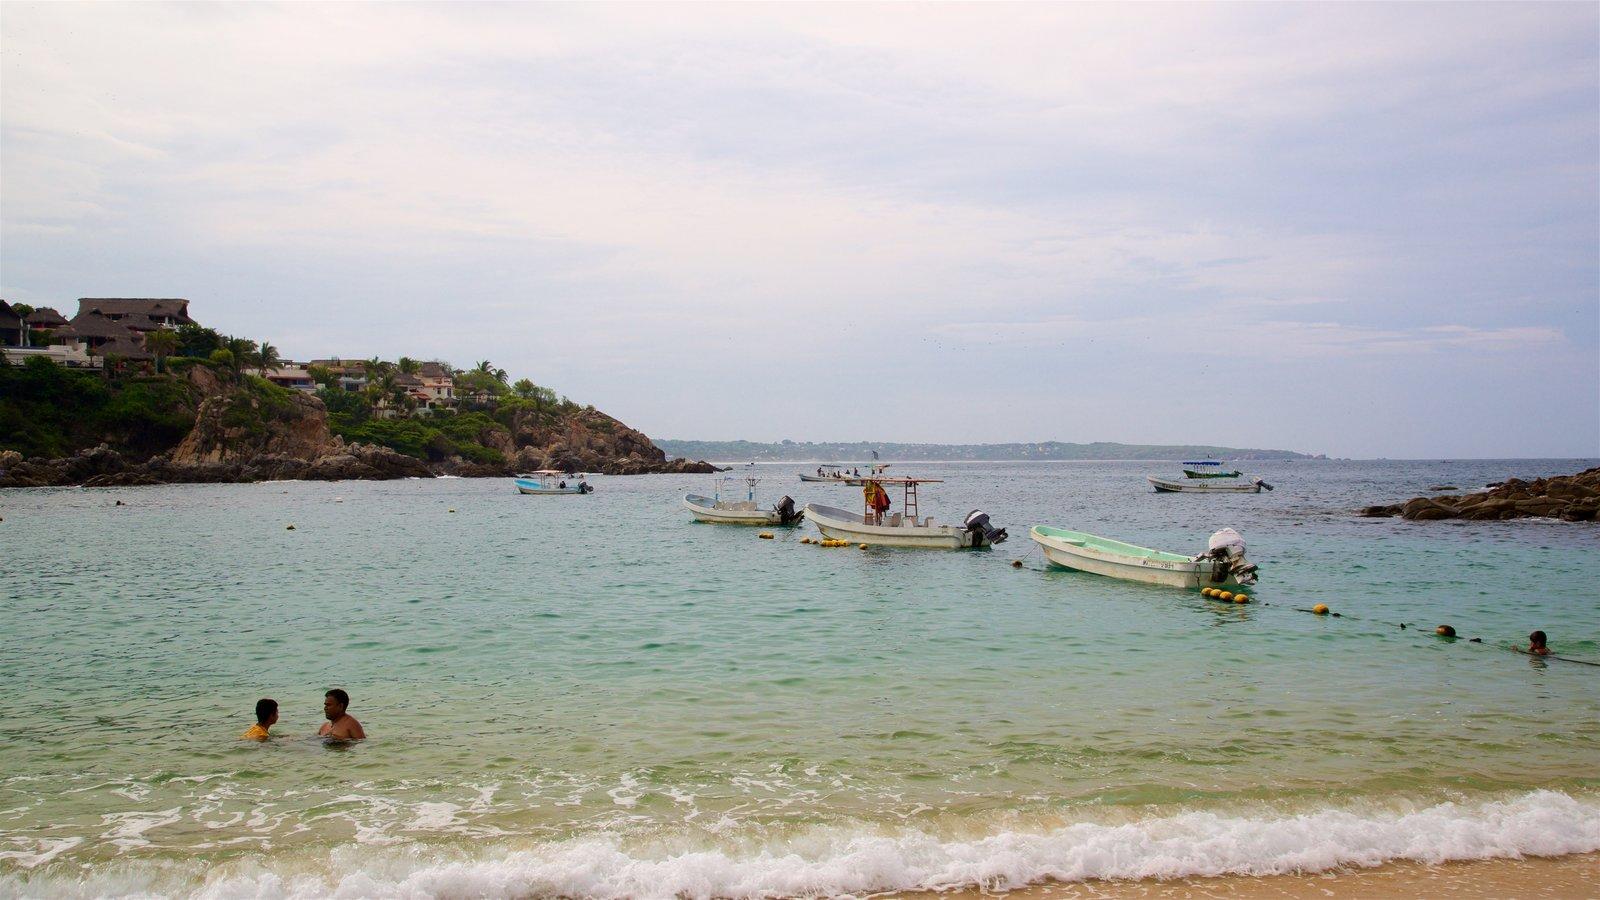 Playa Puerto Angelito ofreciendo natación, vistas generales de la costa y paseos en lancha